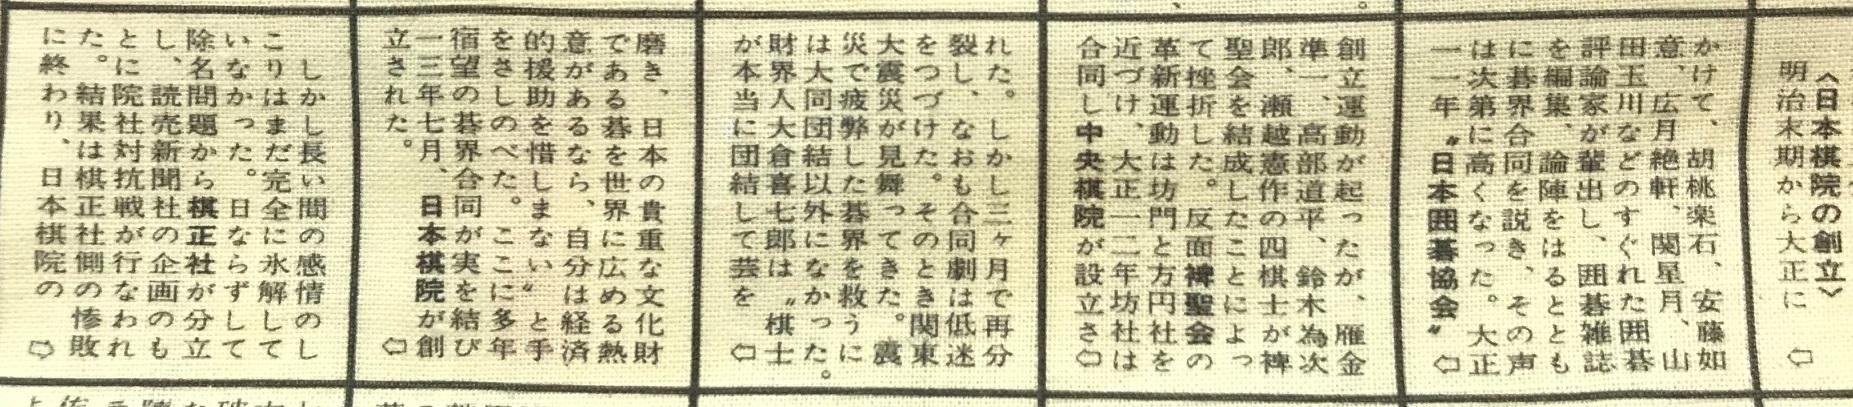 『囲碁百科ハンカチ』 その48